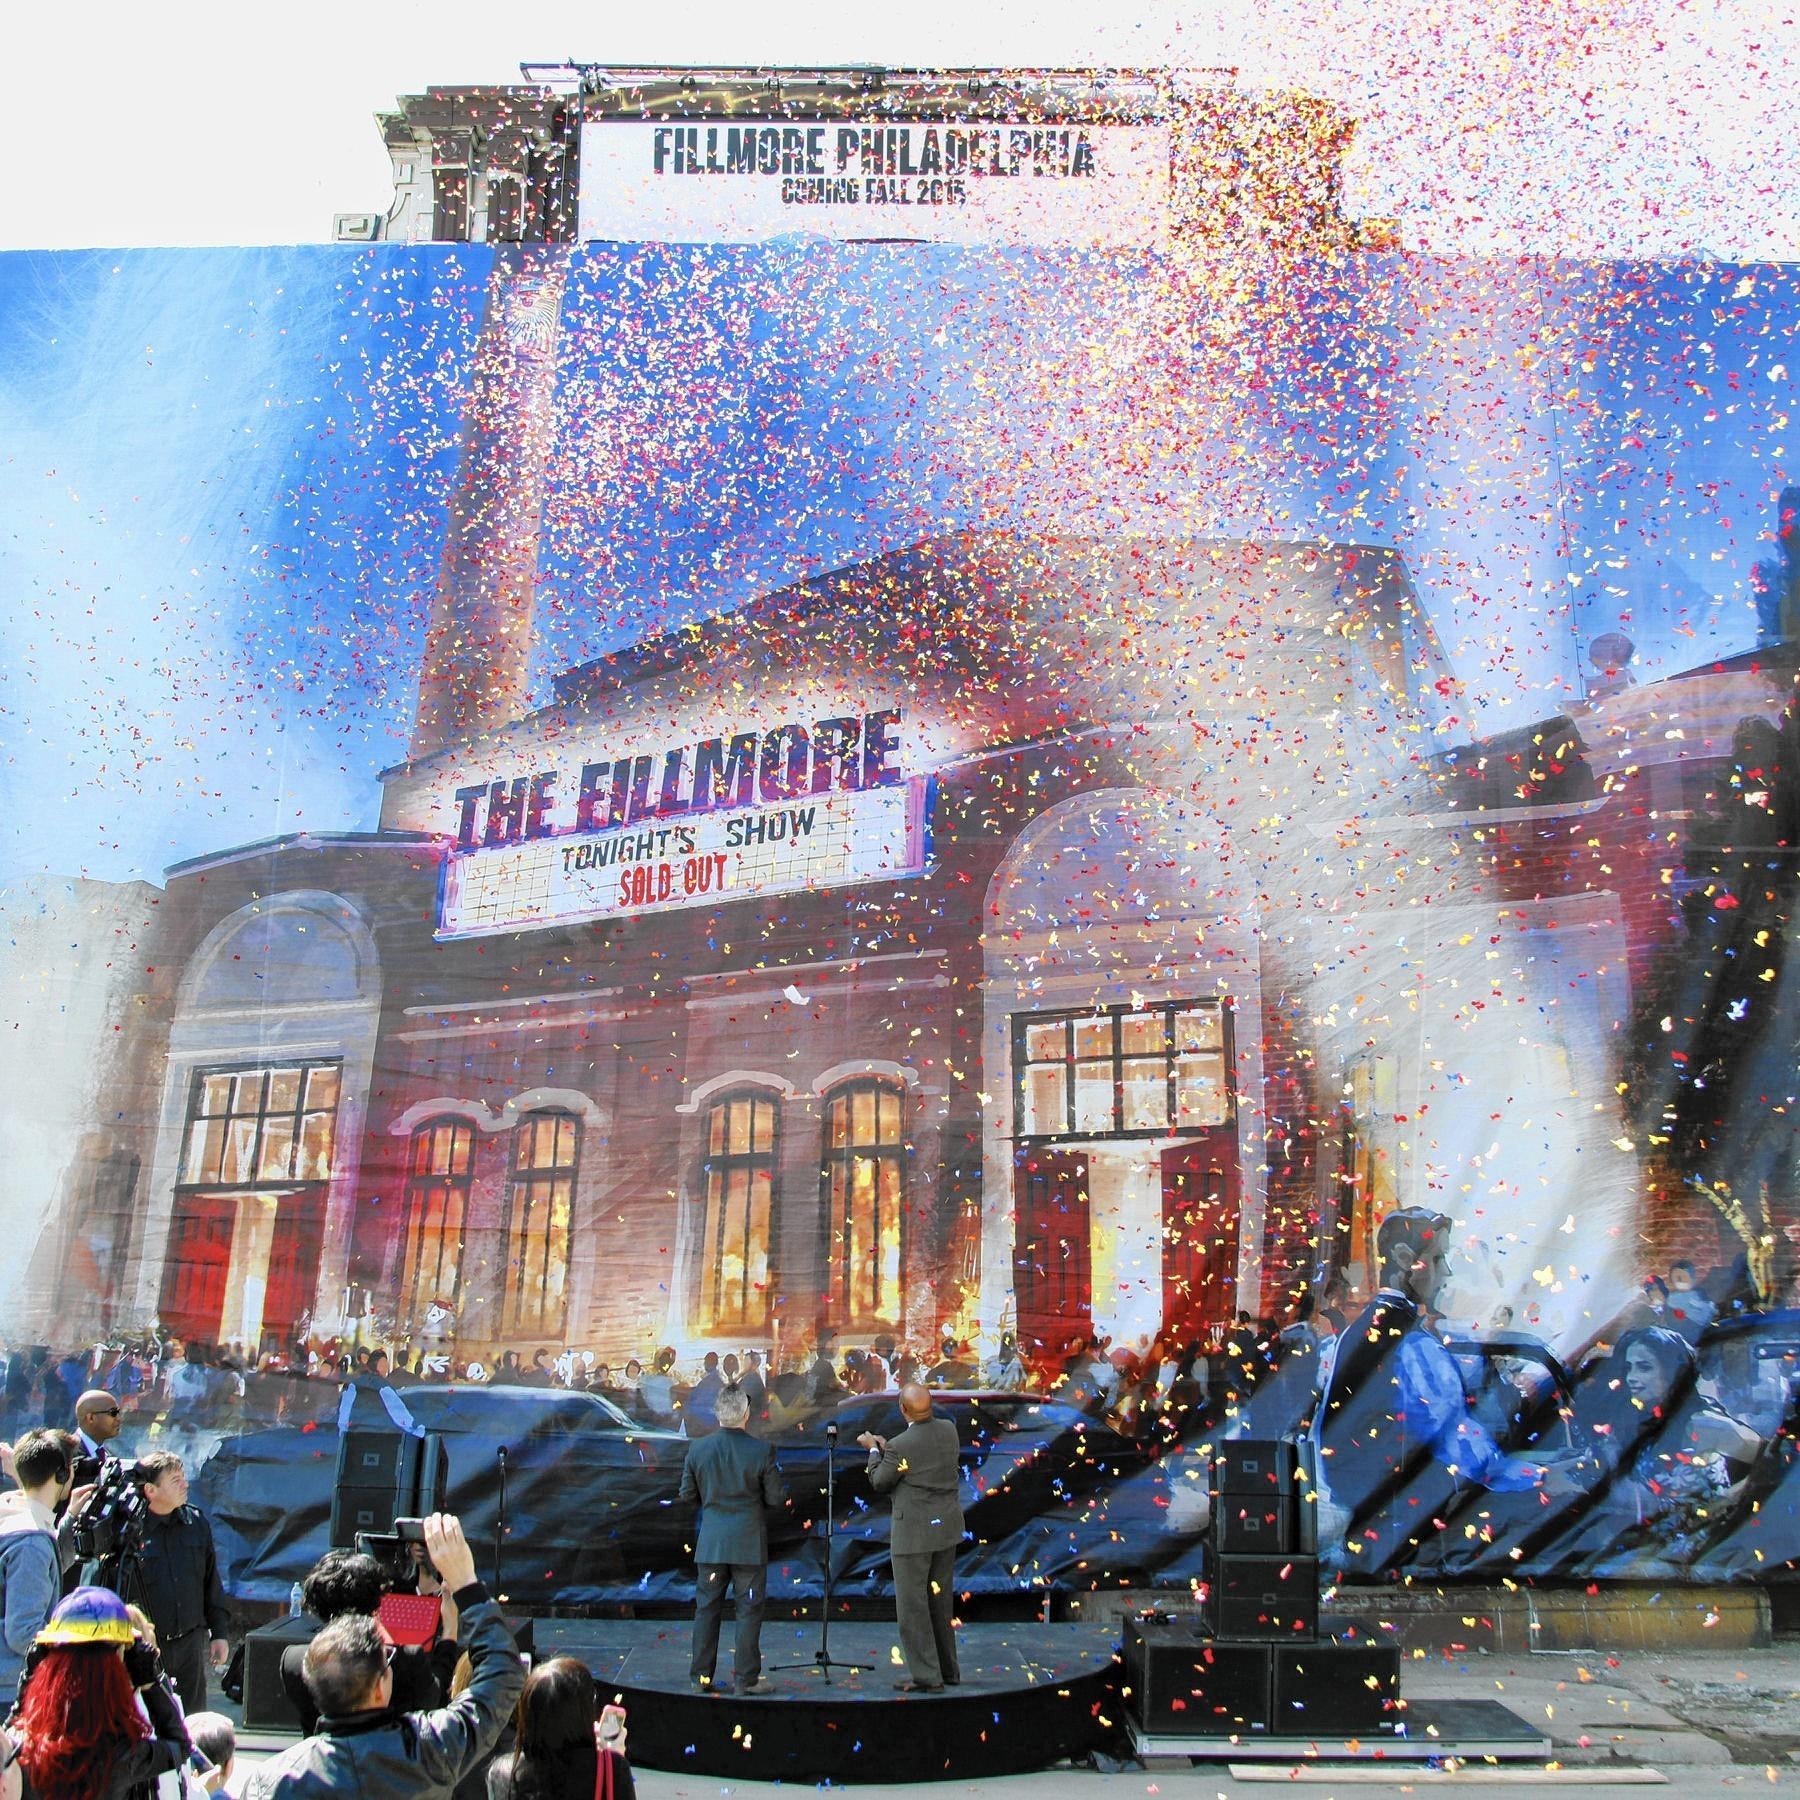 The Fillmore Philadelphia Opens In Fishtown The Morning Call